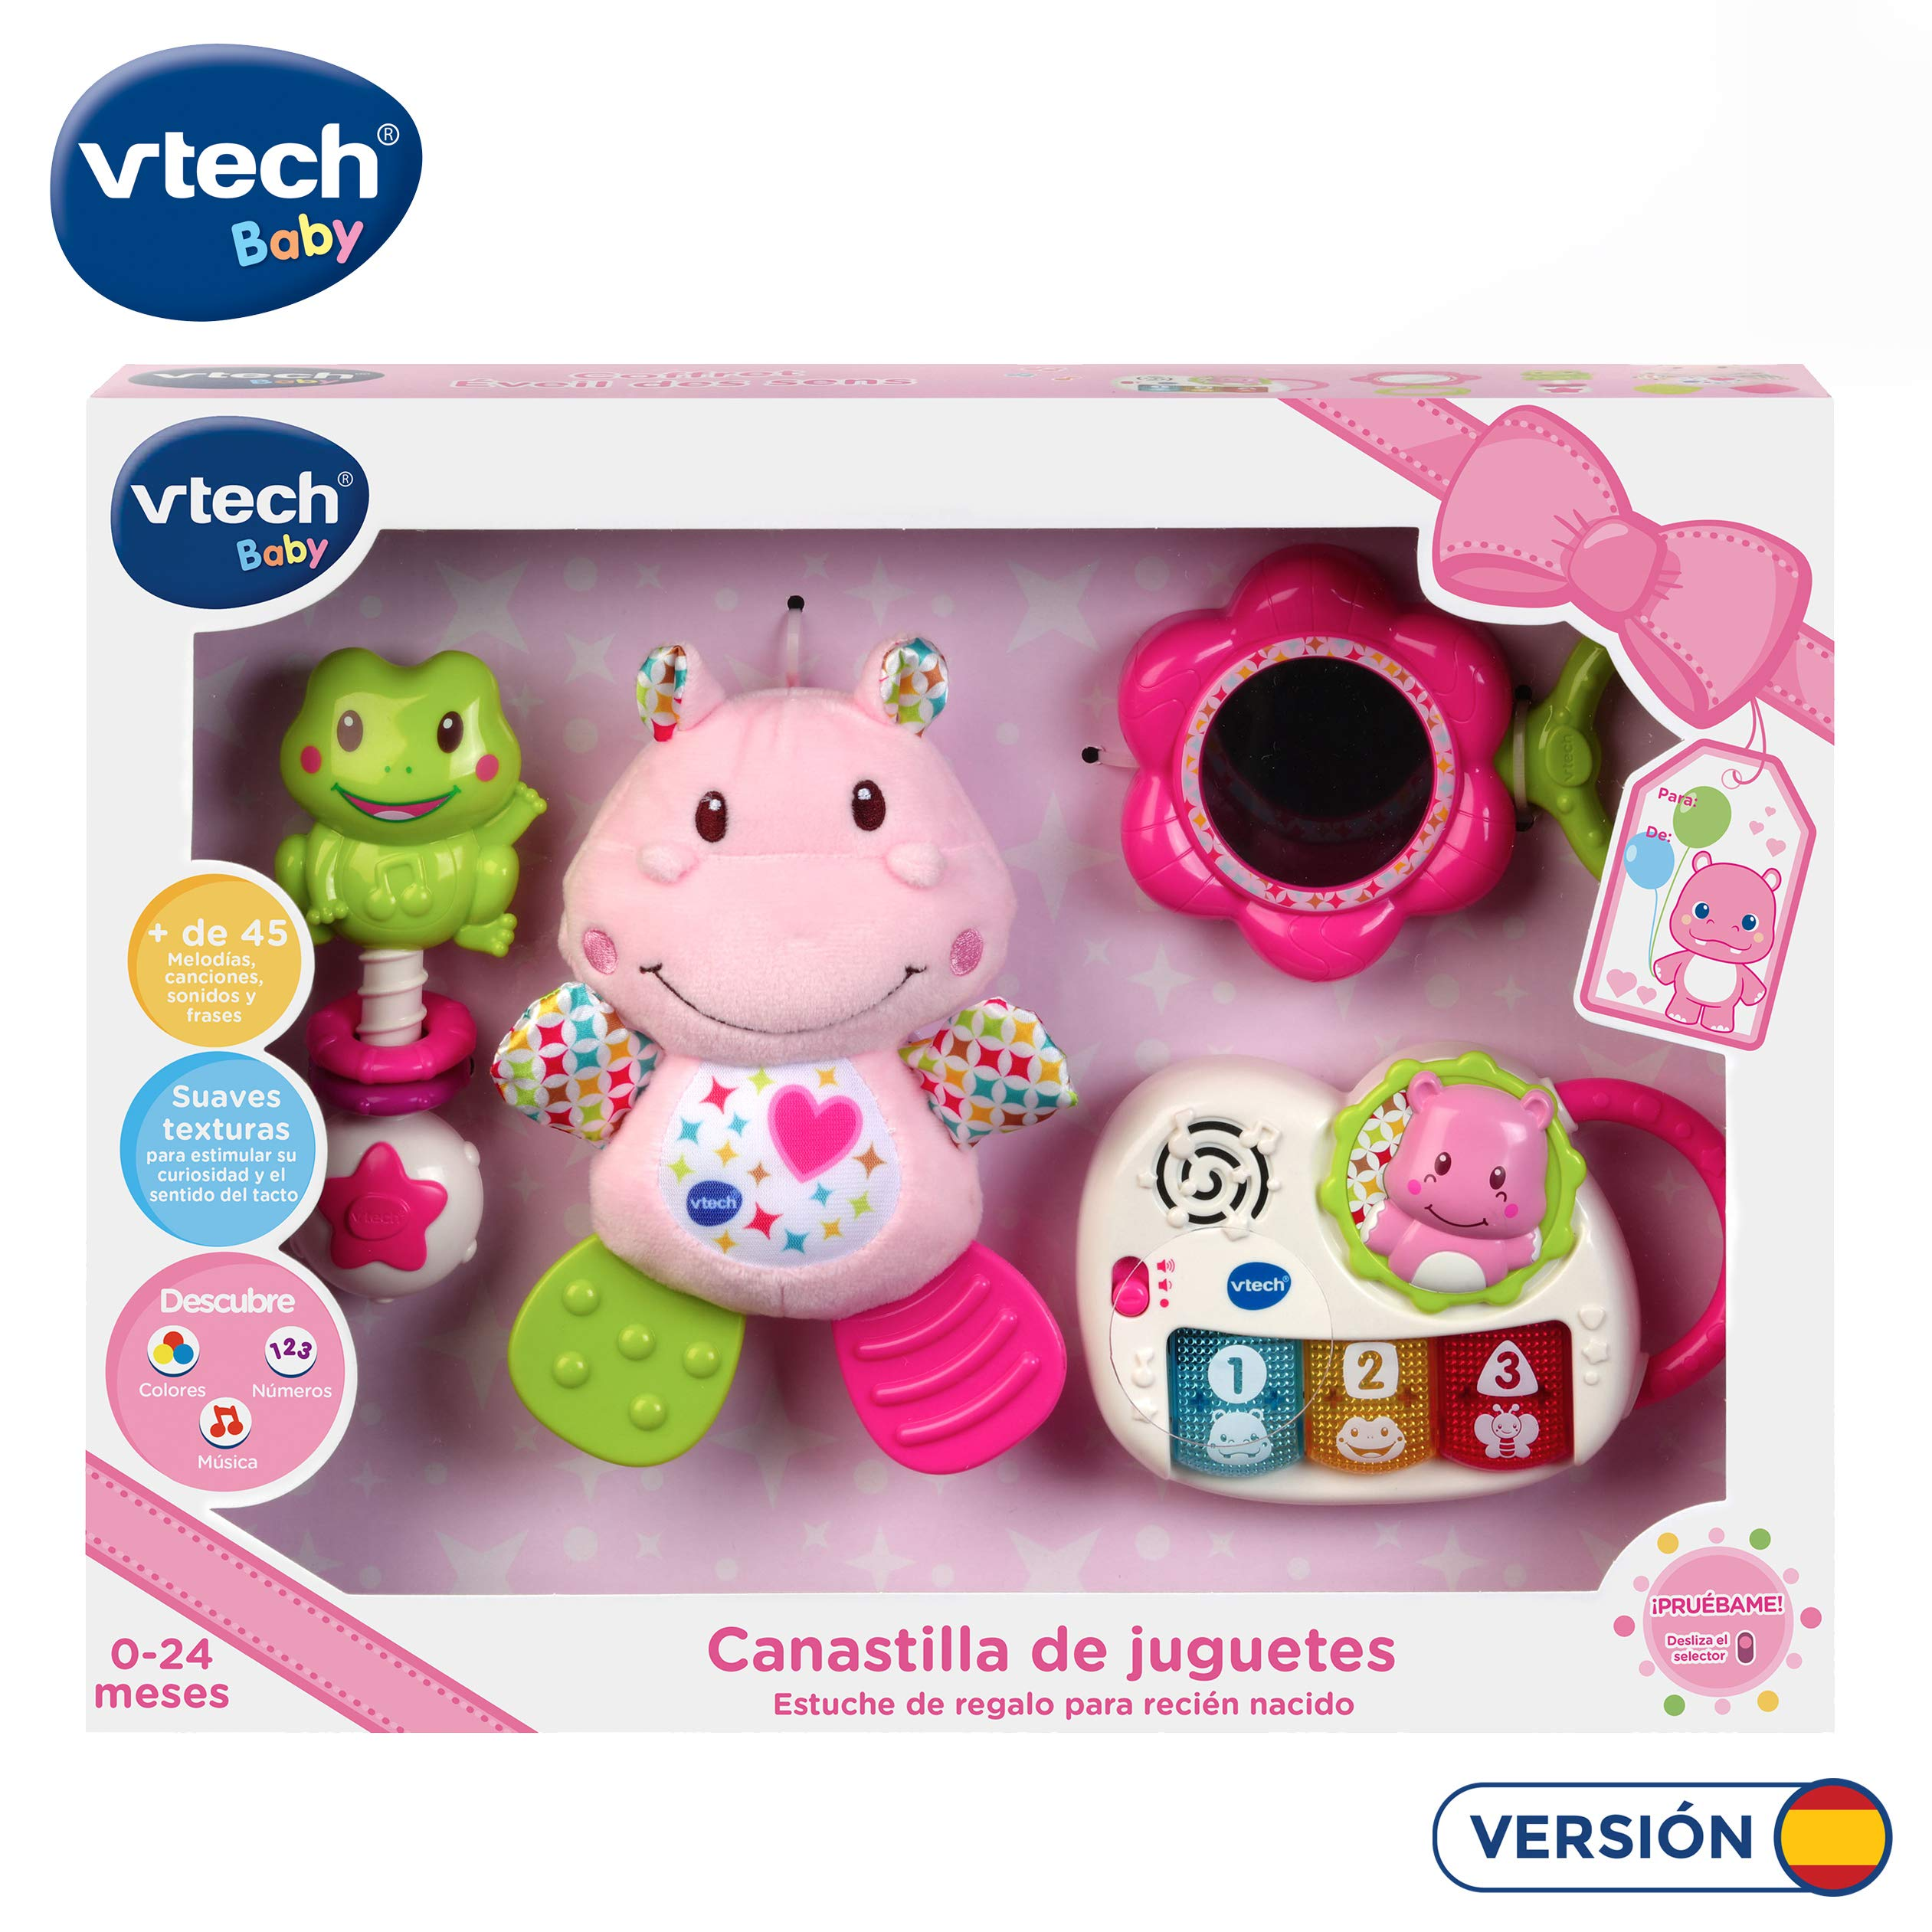 VTech - Canastilla de juguetes, estuche de regalo para bebé recién nacido que incluye peluche mordedor, sonajero, piano interactivo y espejo de seguridad, color rosa (80-522057): Amazon.es: Juguetes y juegos